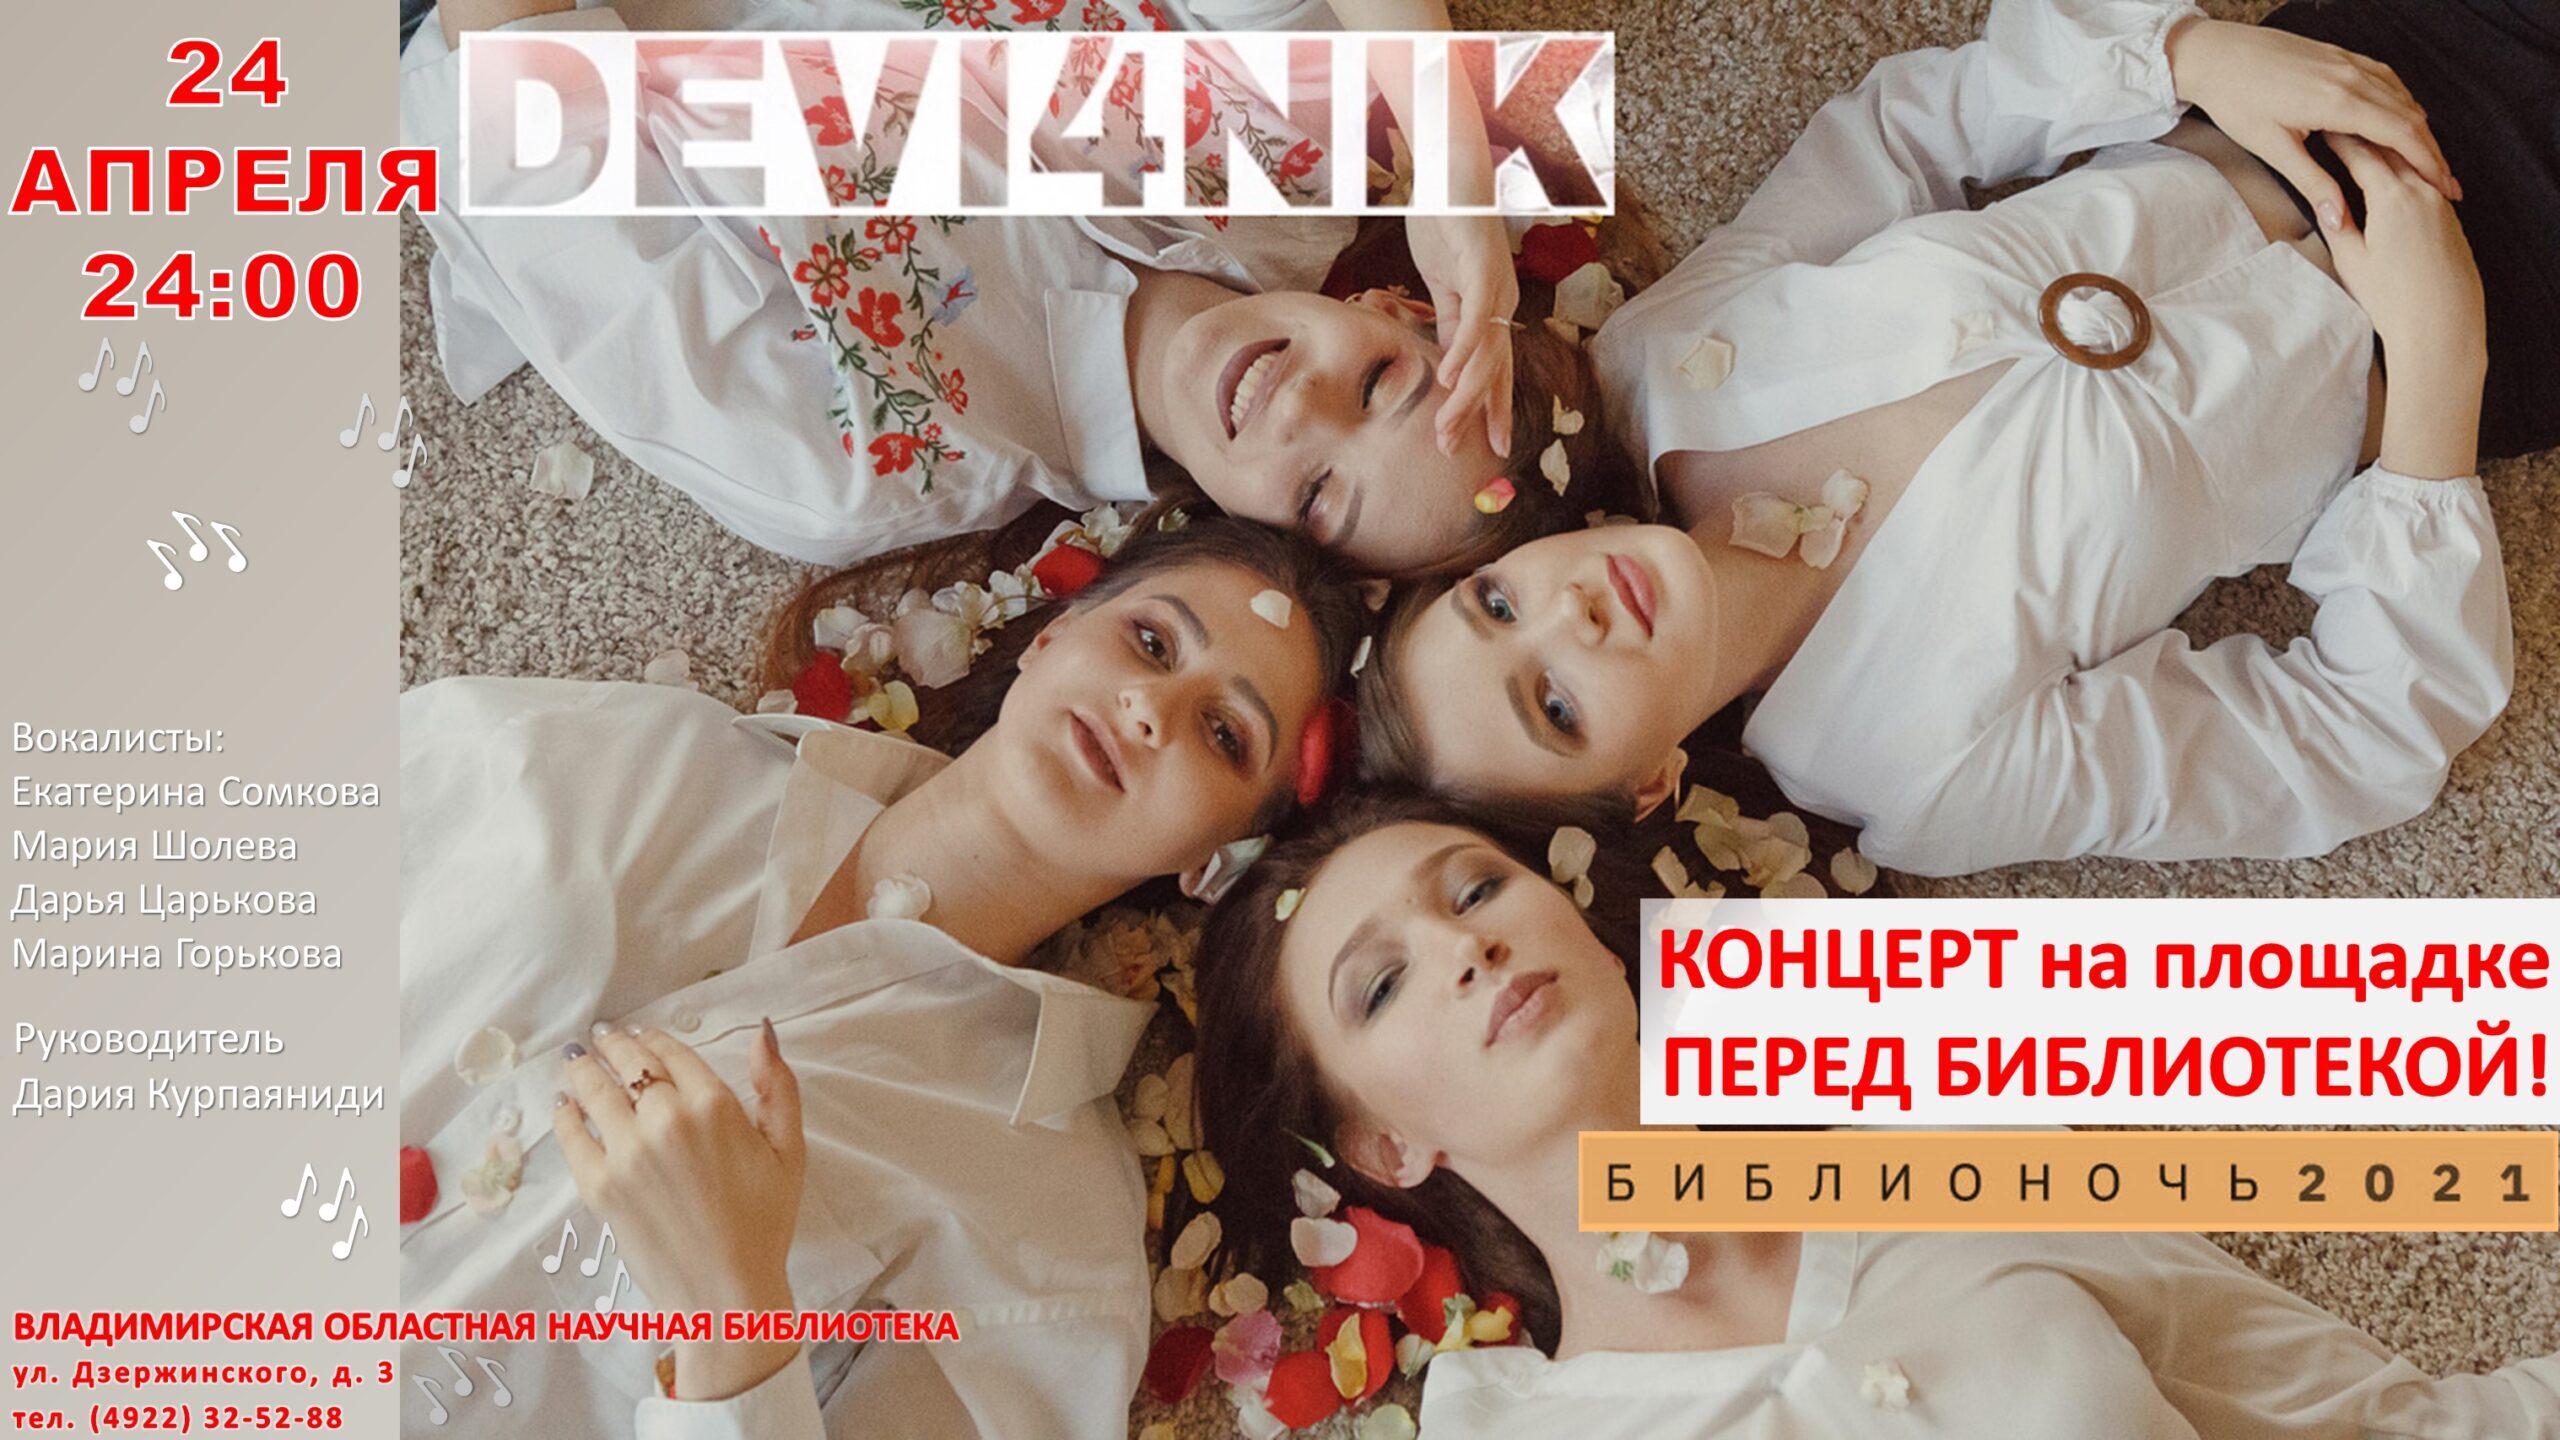 DEVI4NIK